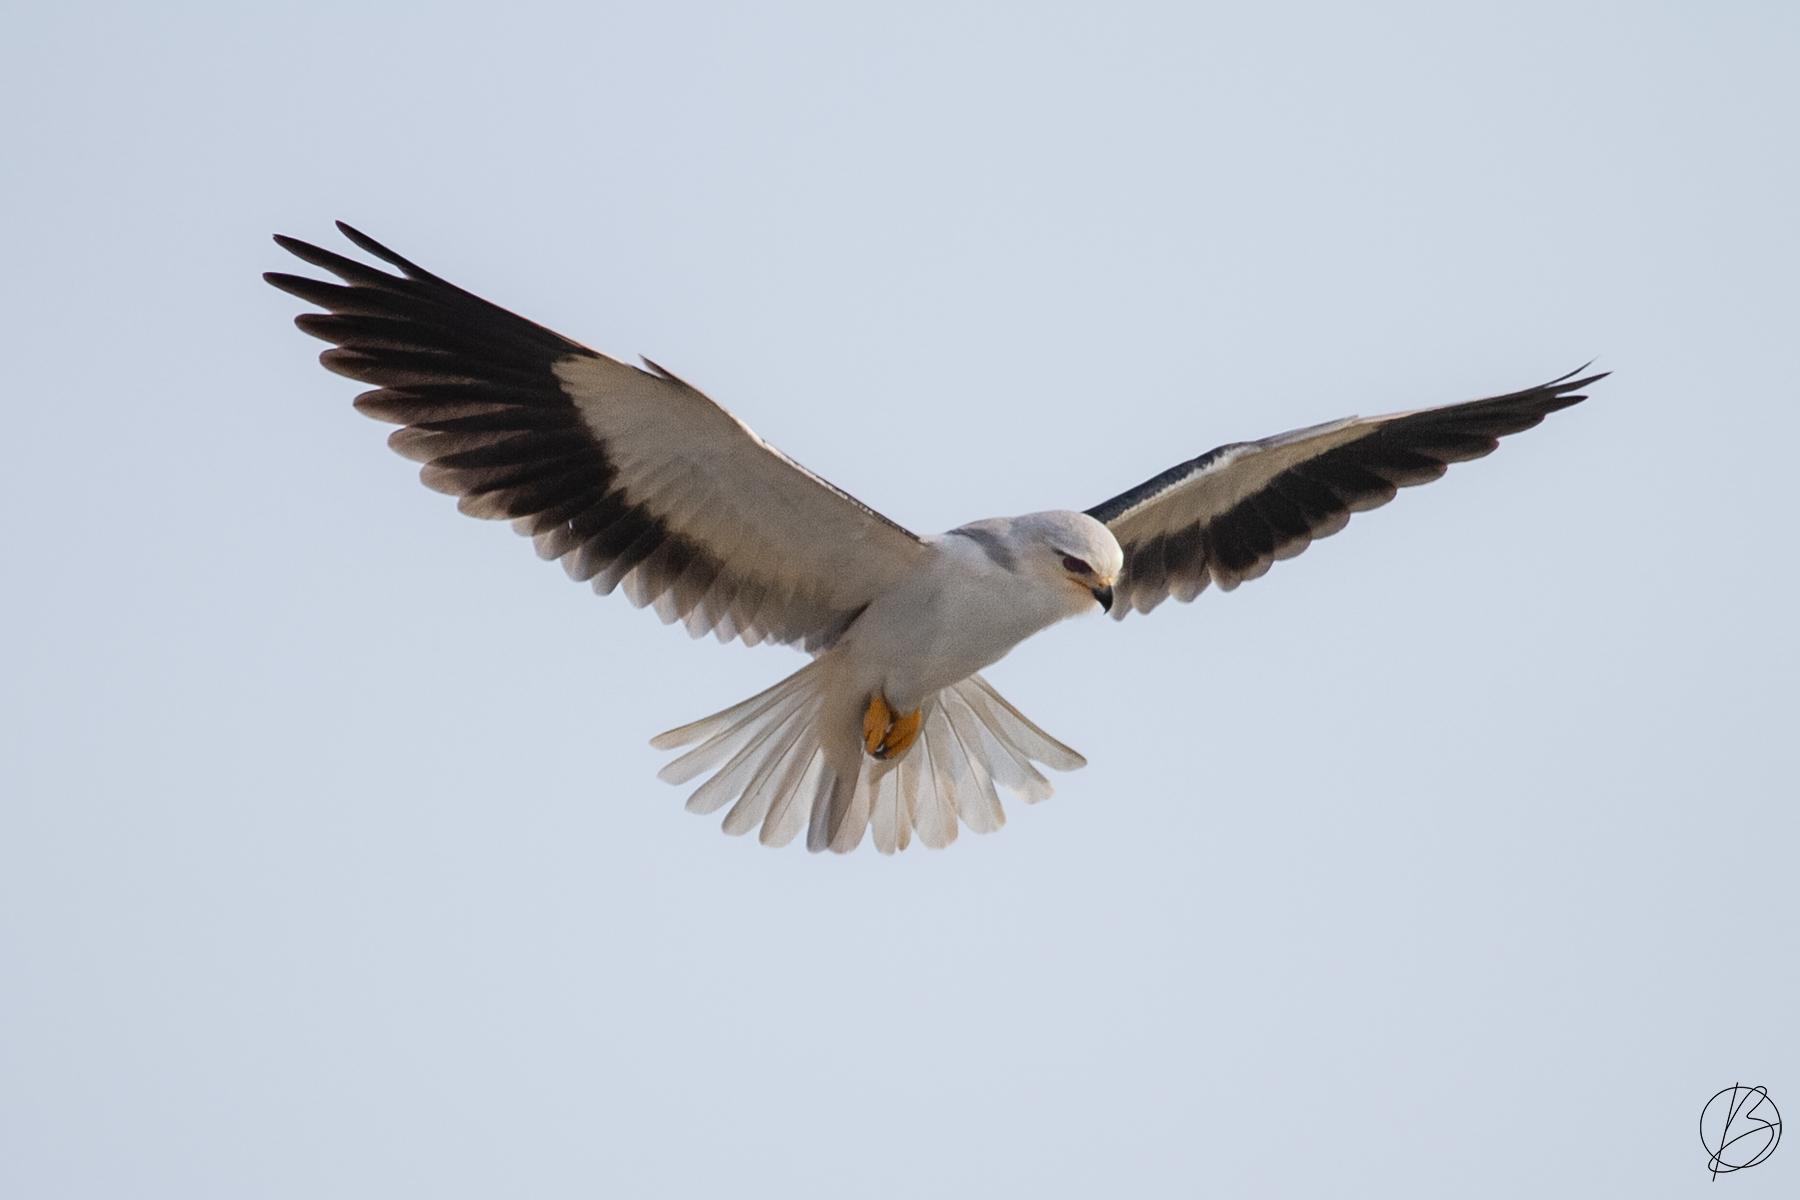 Black-Shouldered Kite hovering